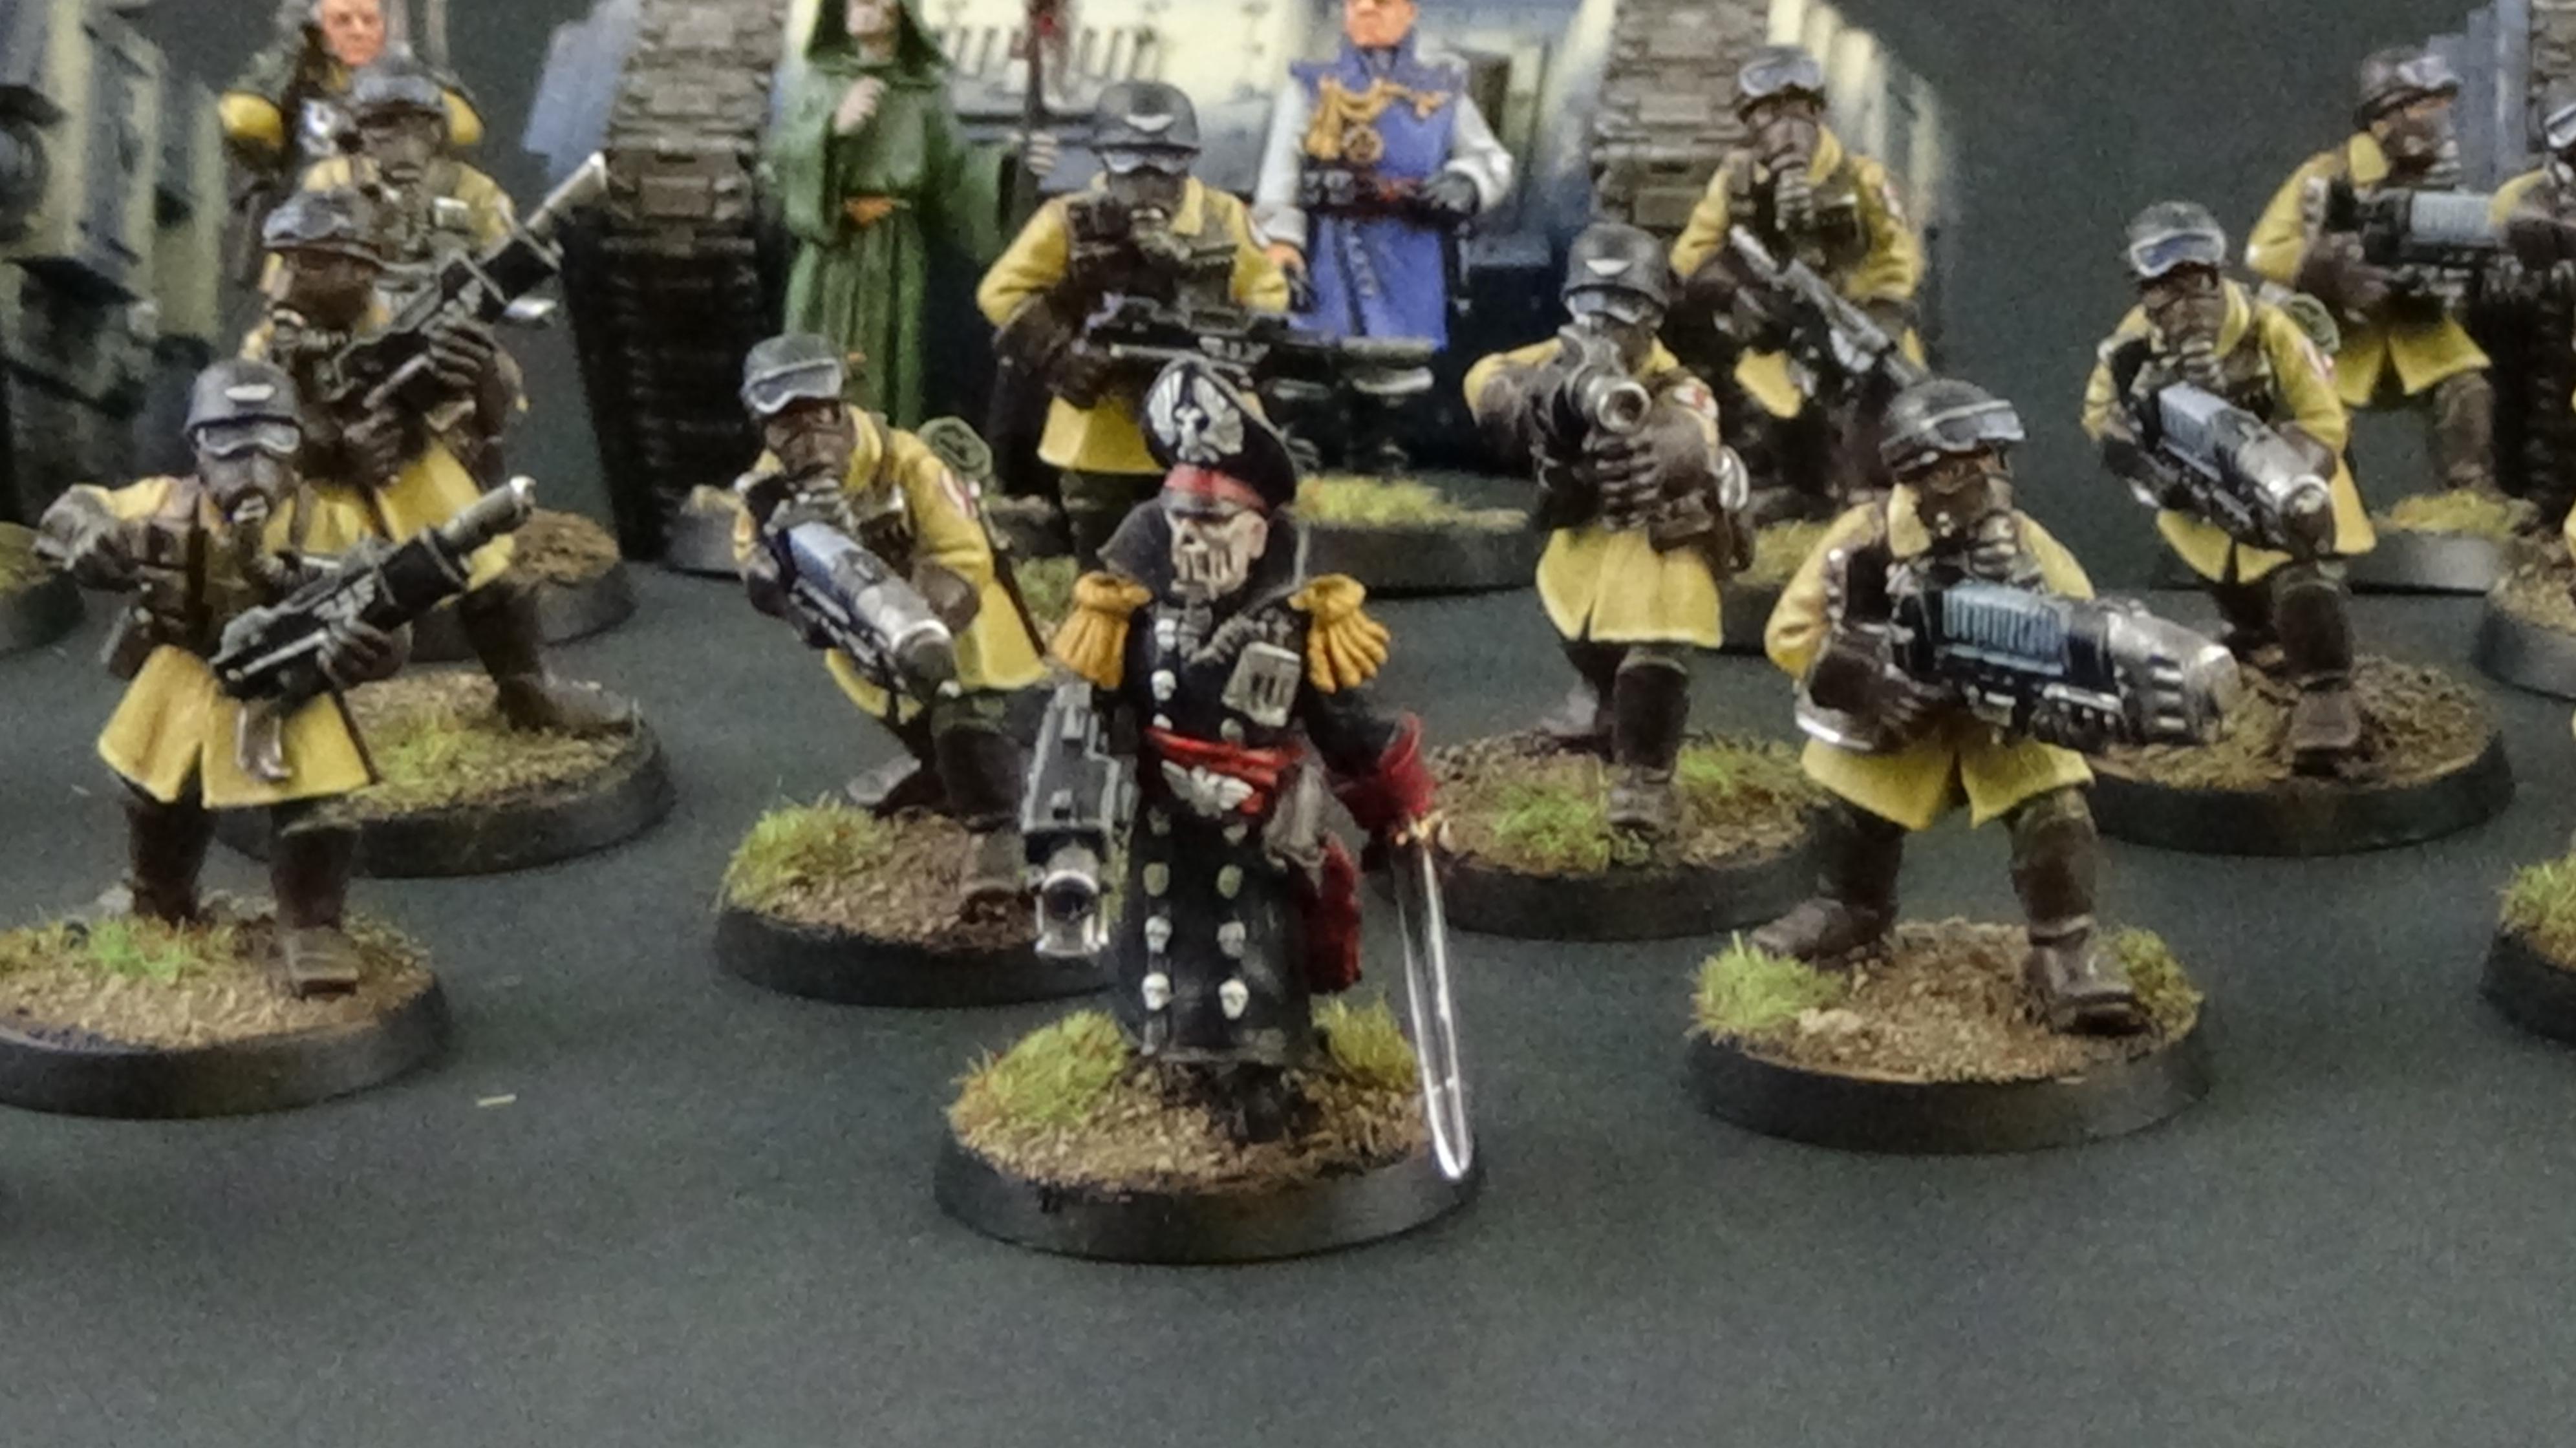 Astra, Comissar, Commissar, Imperial Guard, Militarum, Steel Legion